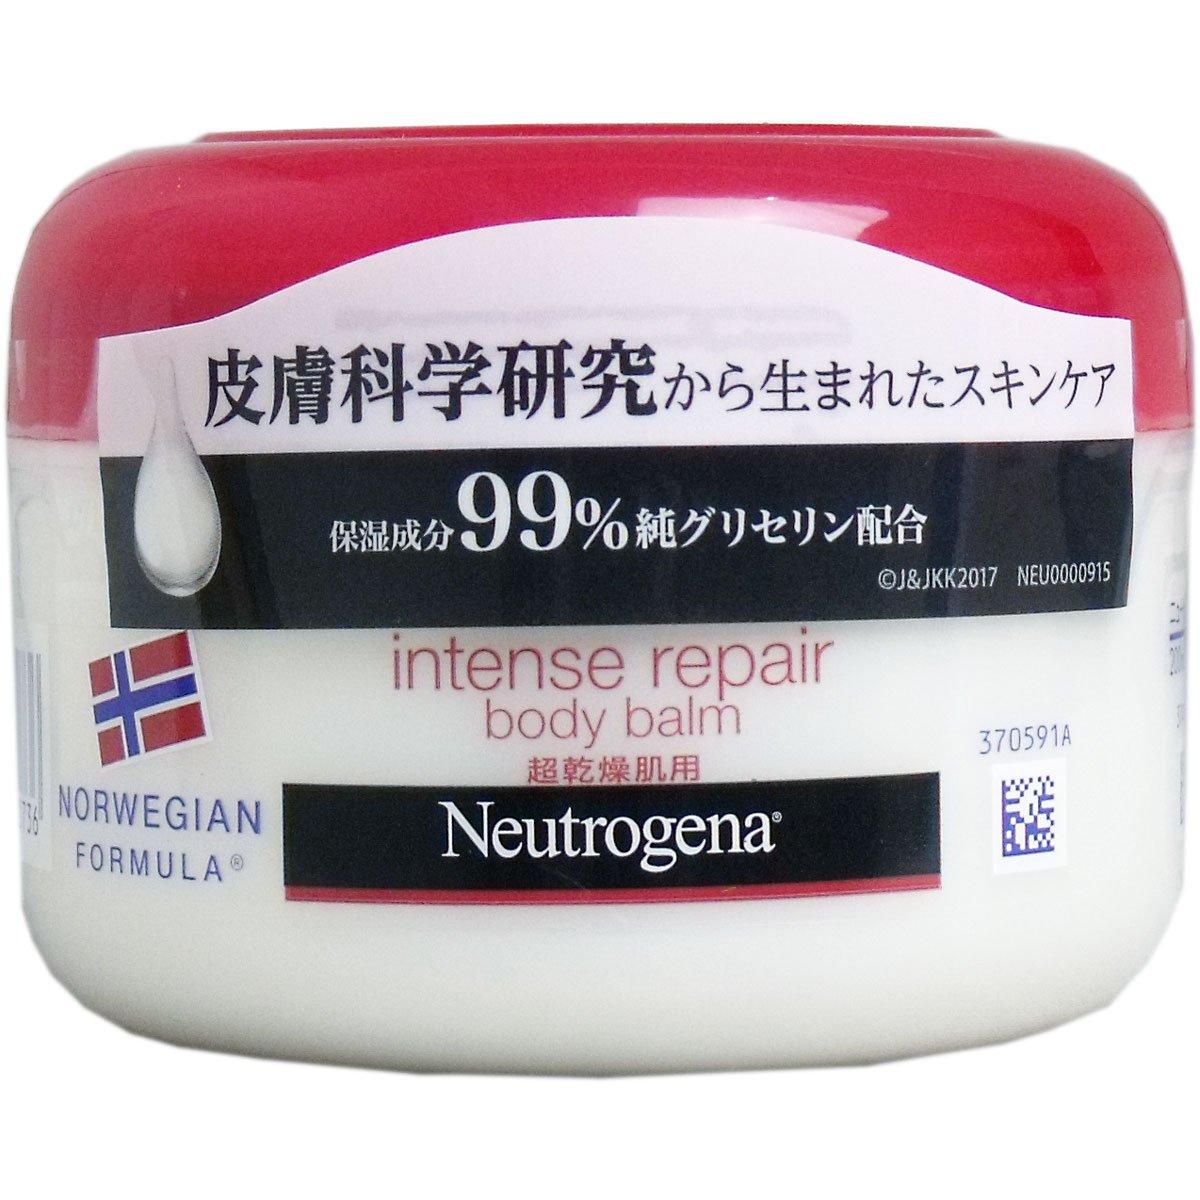 【まとめ買い】Neutrogena(ニュートロジーナ) ノルウェーフォーミュラ インテンスリペア ボディバーム 超乾燥肌用 微香性 200ml×12個 B076SX14HR  12個